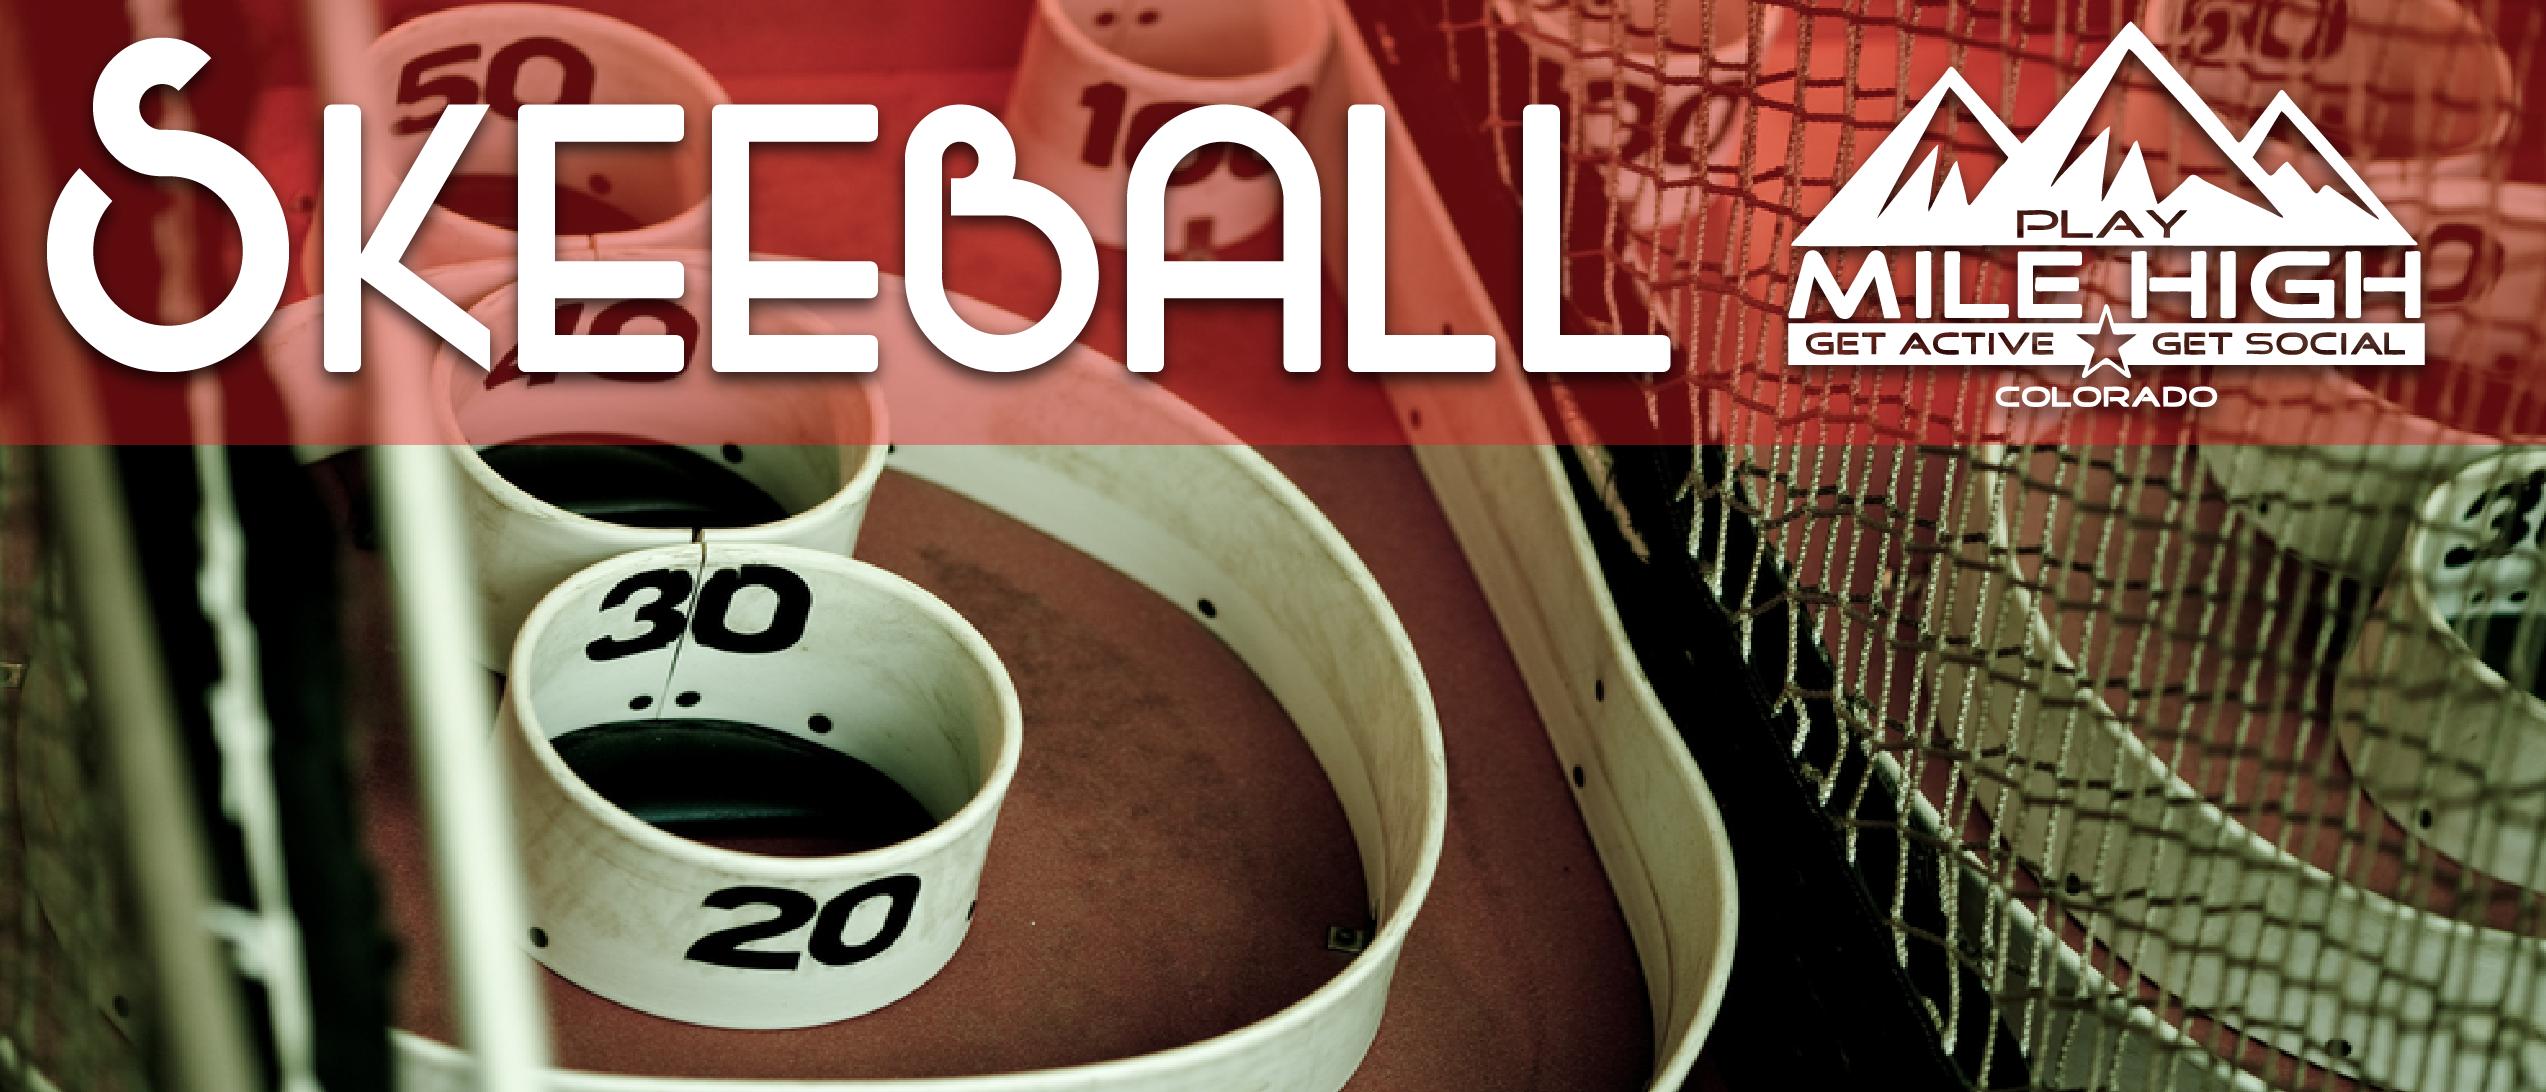 Skeeball_DenverBanner-01